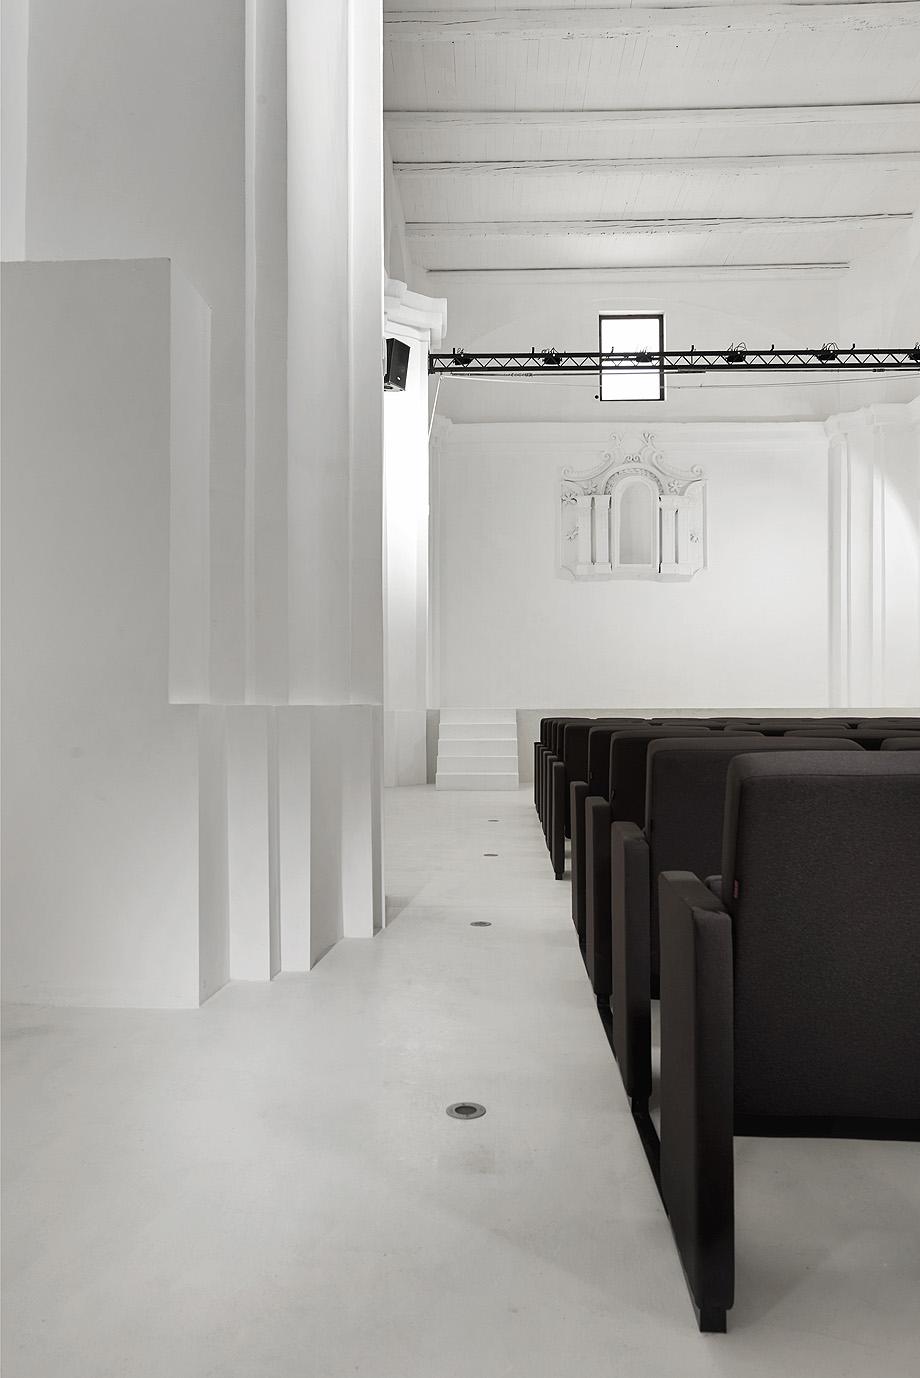 de iglesia a teatro por luigi valente y mauro di bona - foto s. pedretti (8)